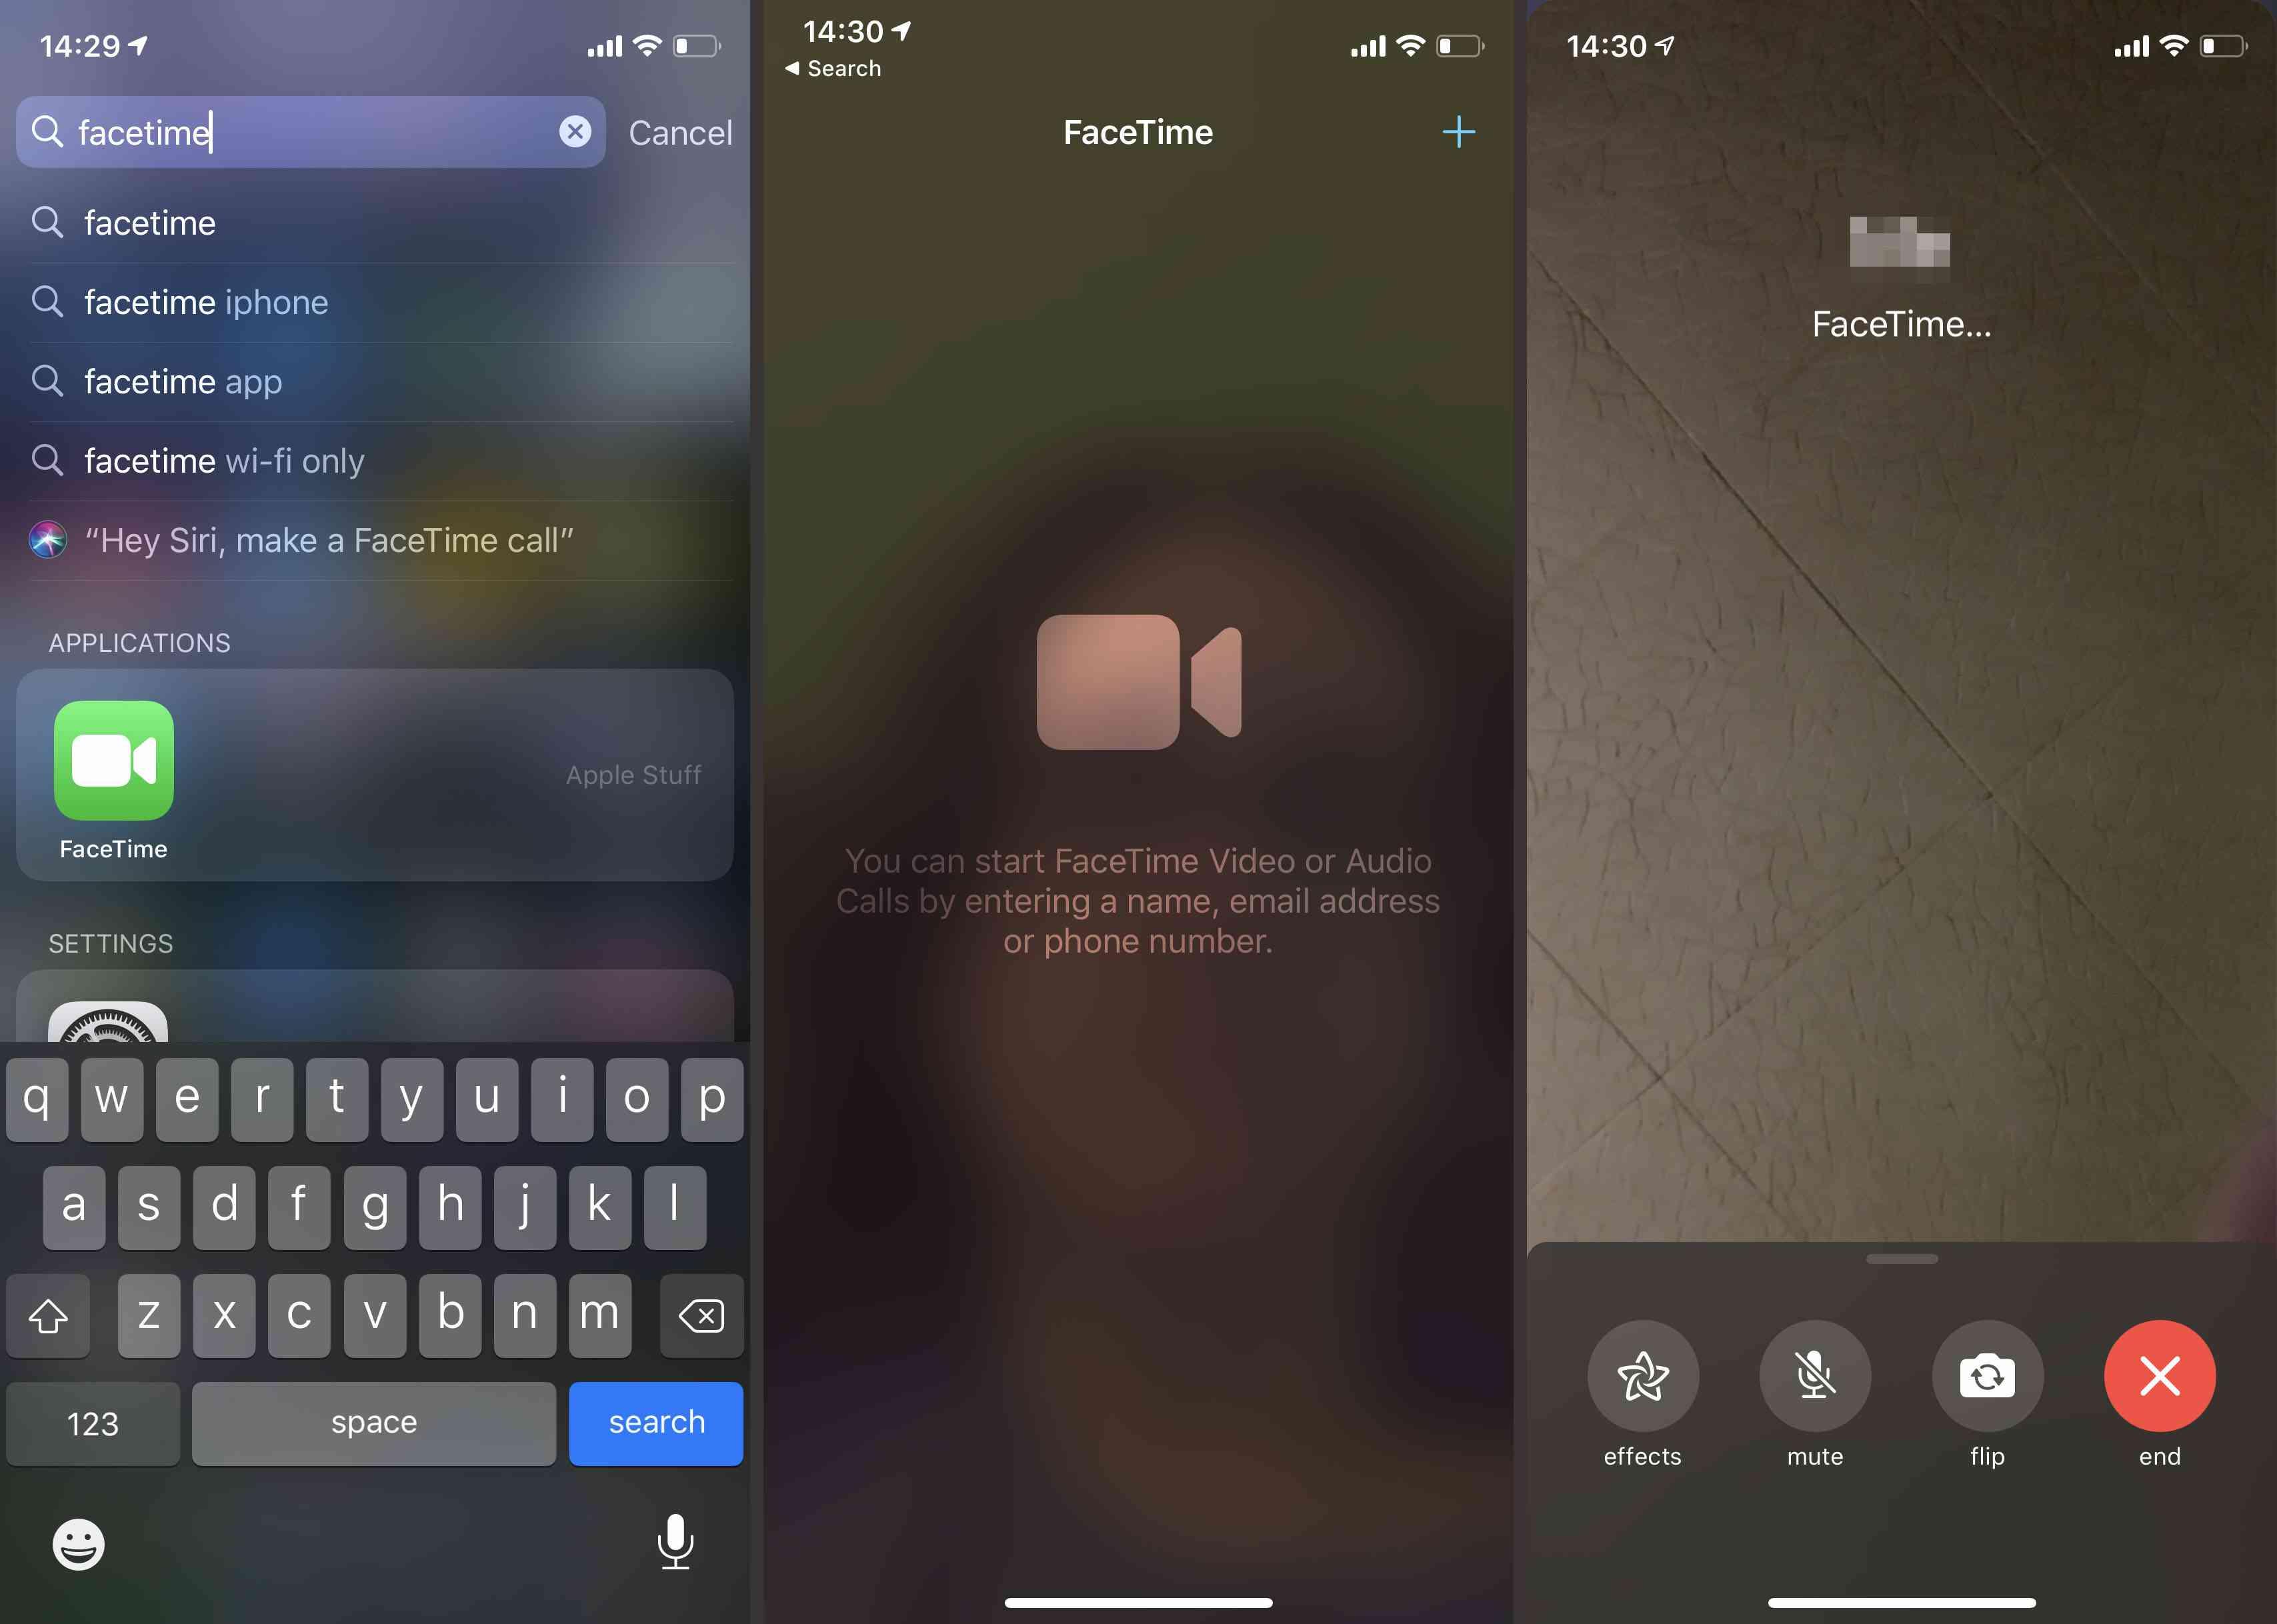 FaceTime app on iOS